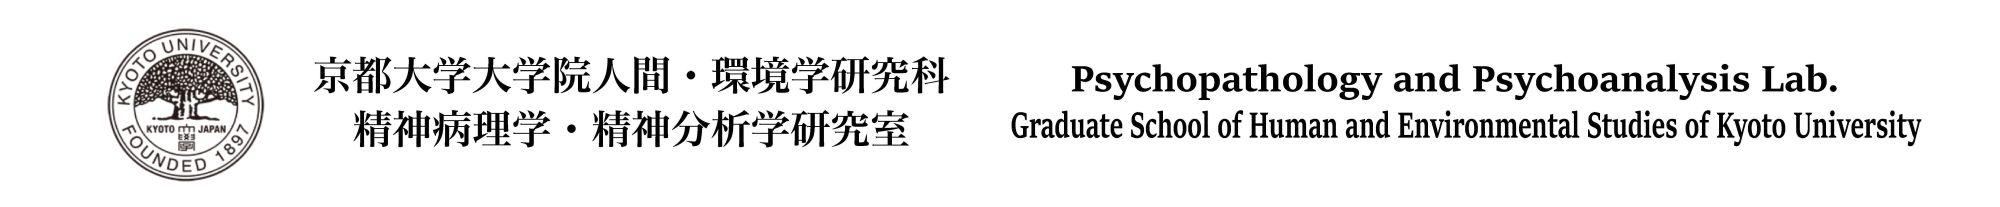 京都大学大学院人間・環境学研究科 精神病理学・精神分析学研究室